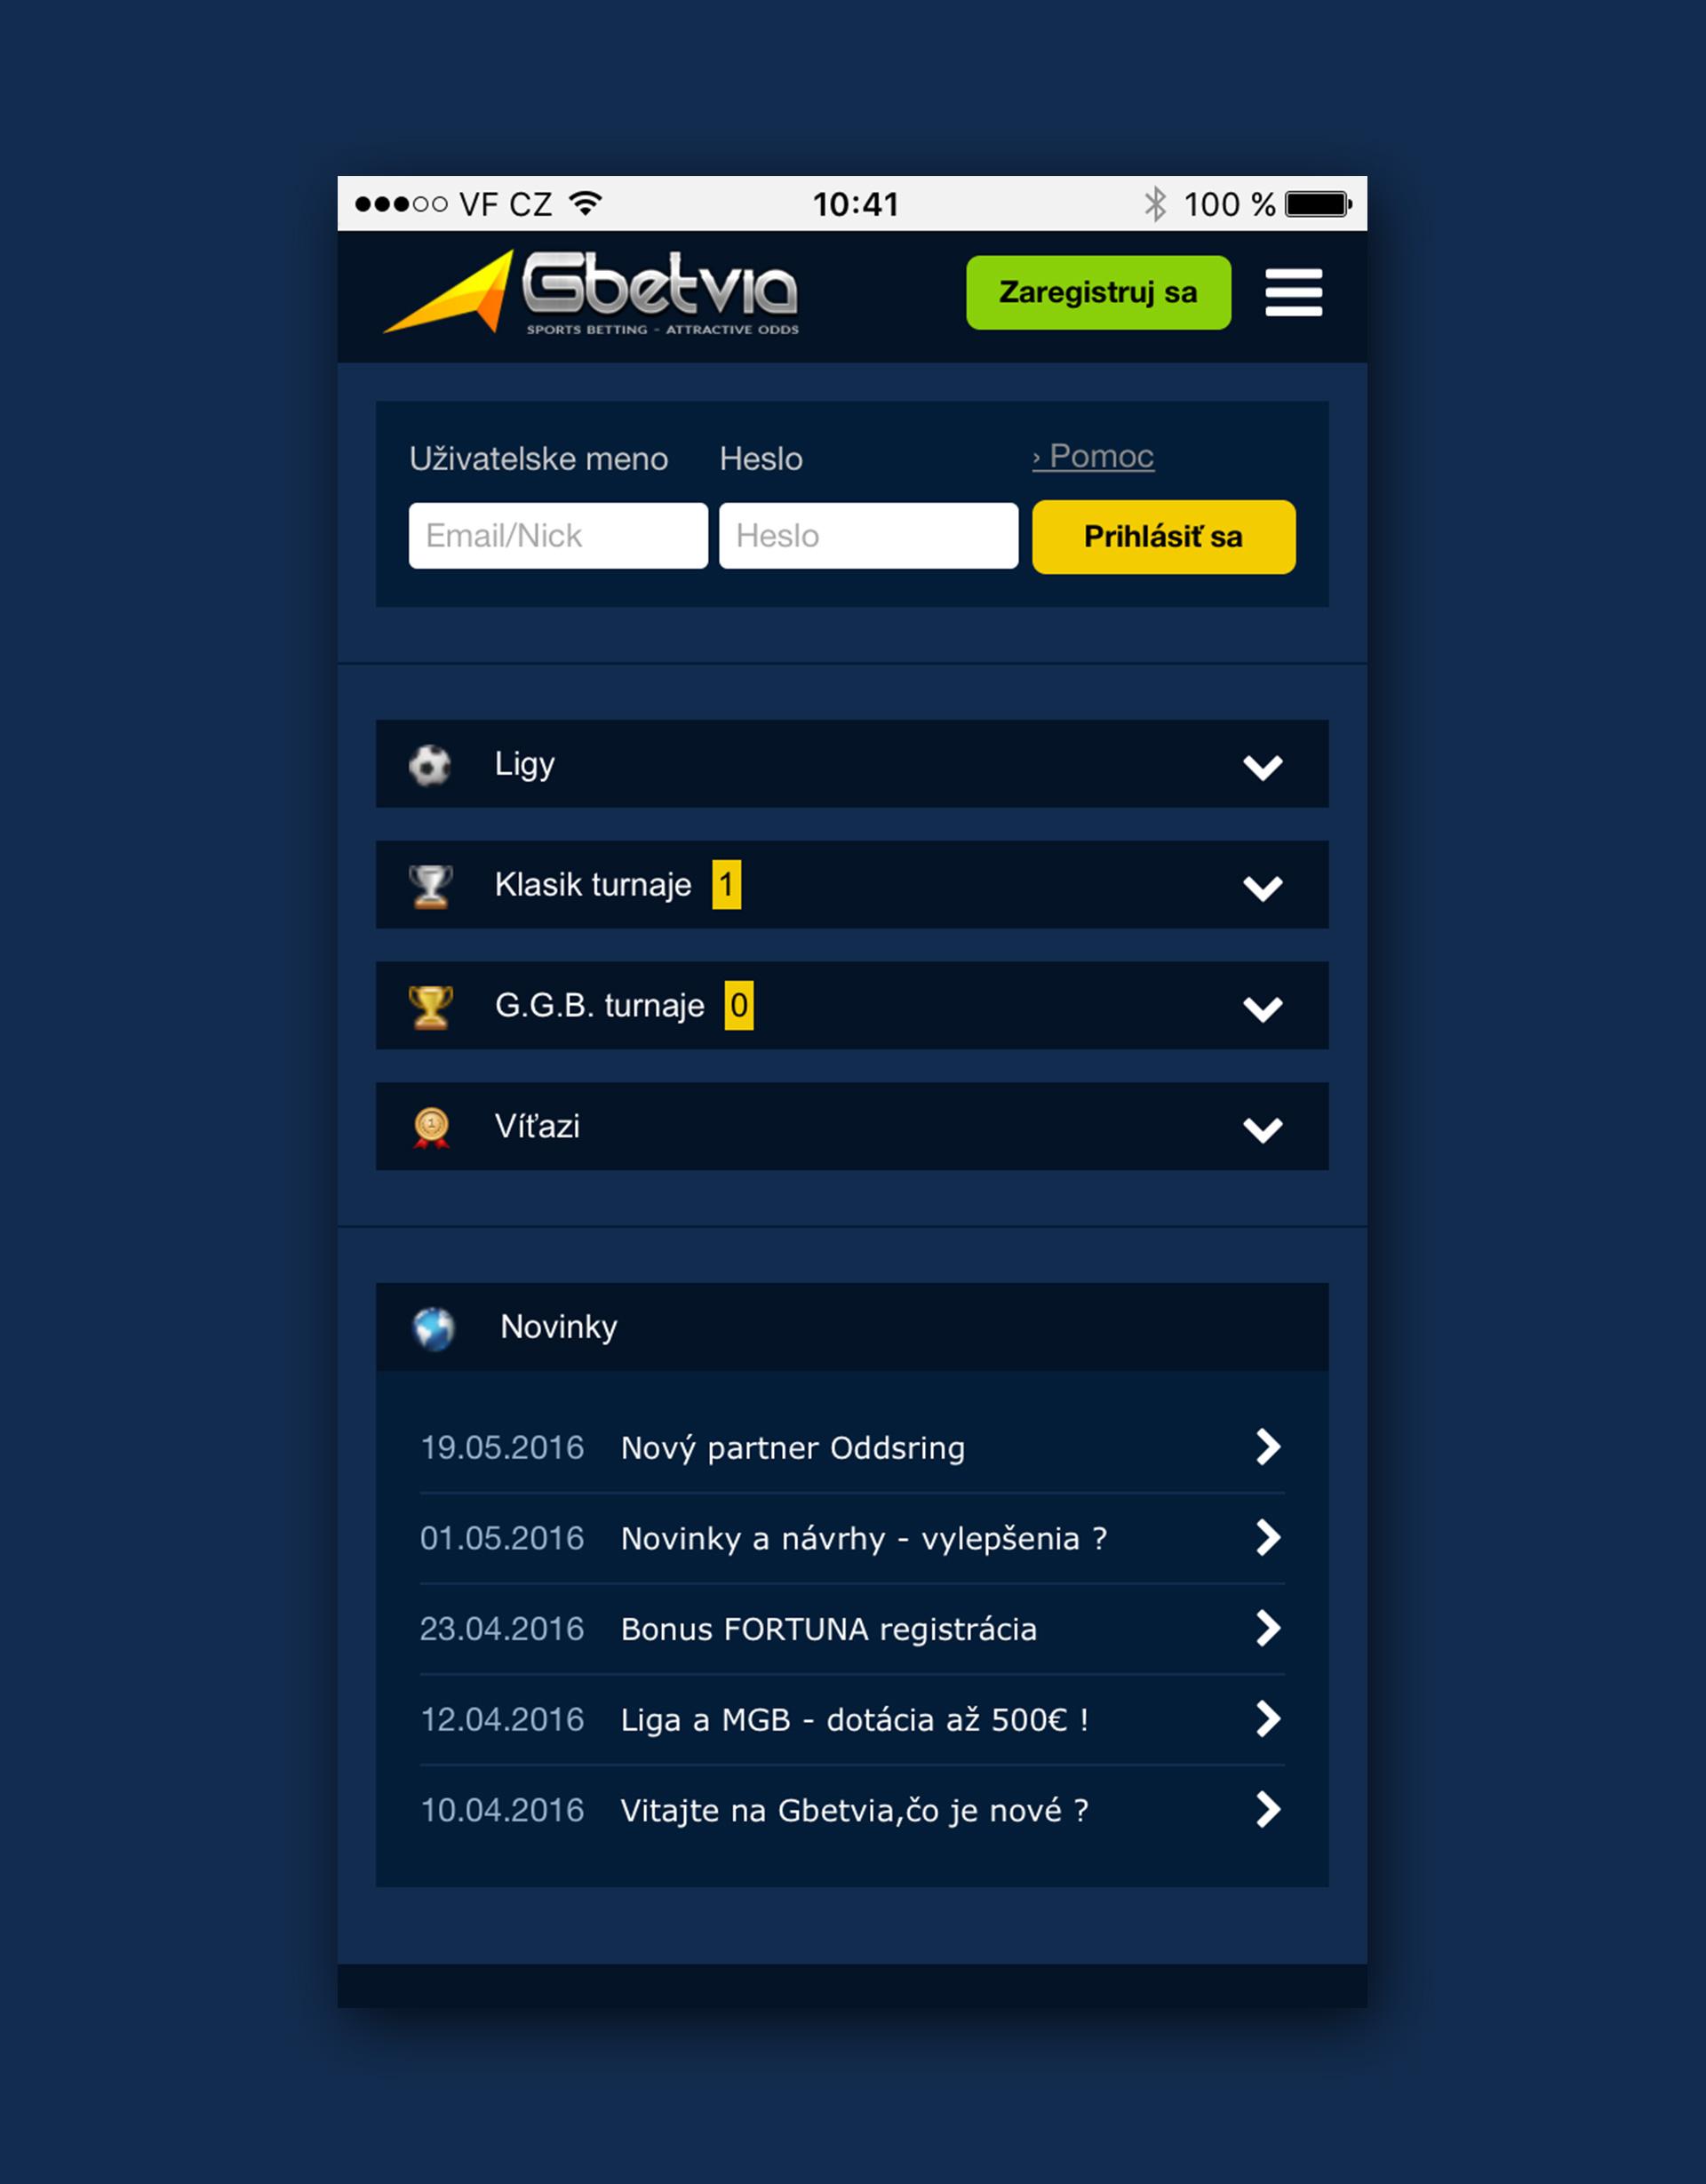 gbetvia_portfolio_post